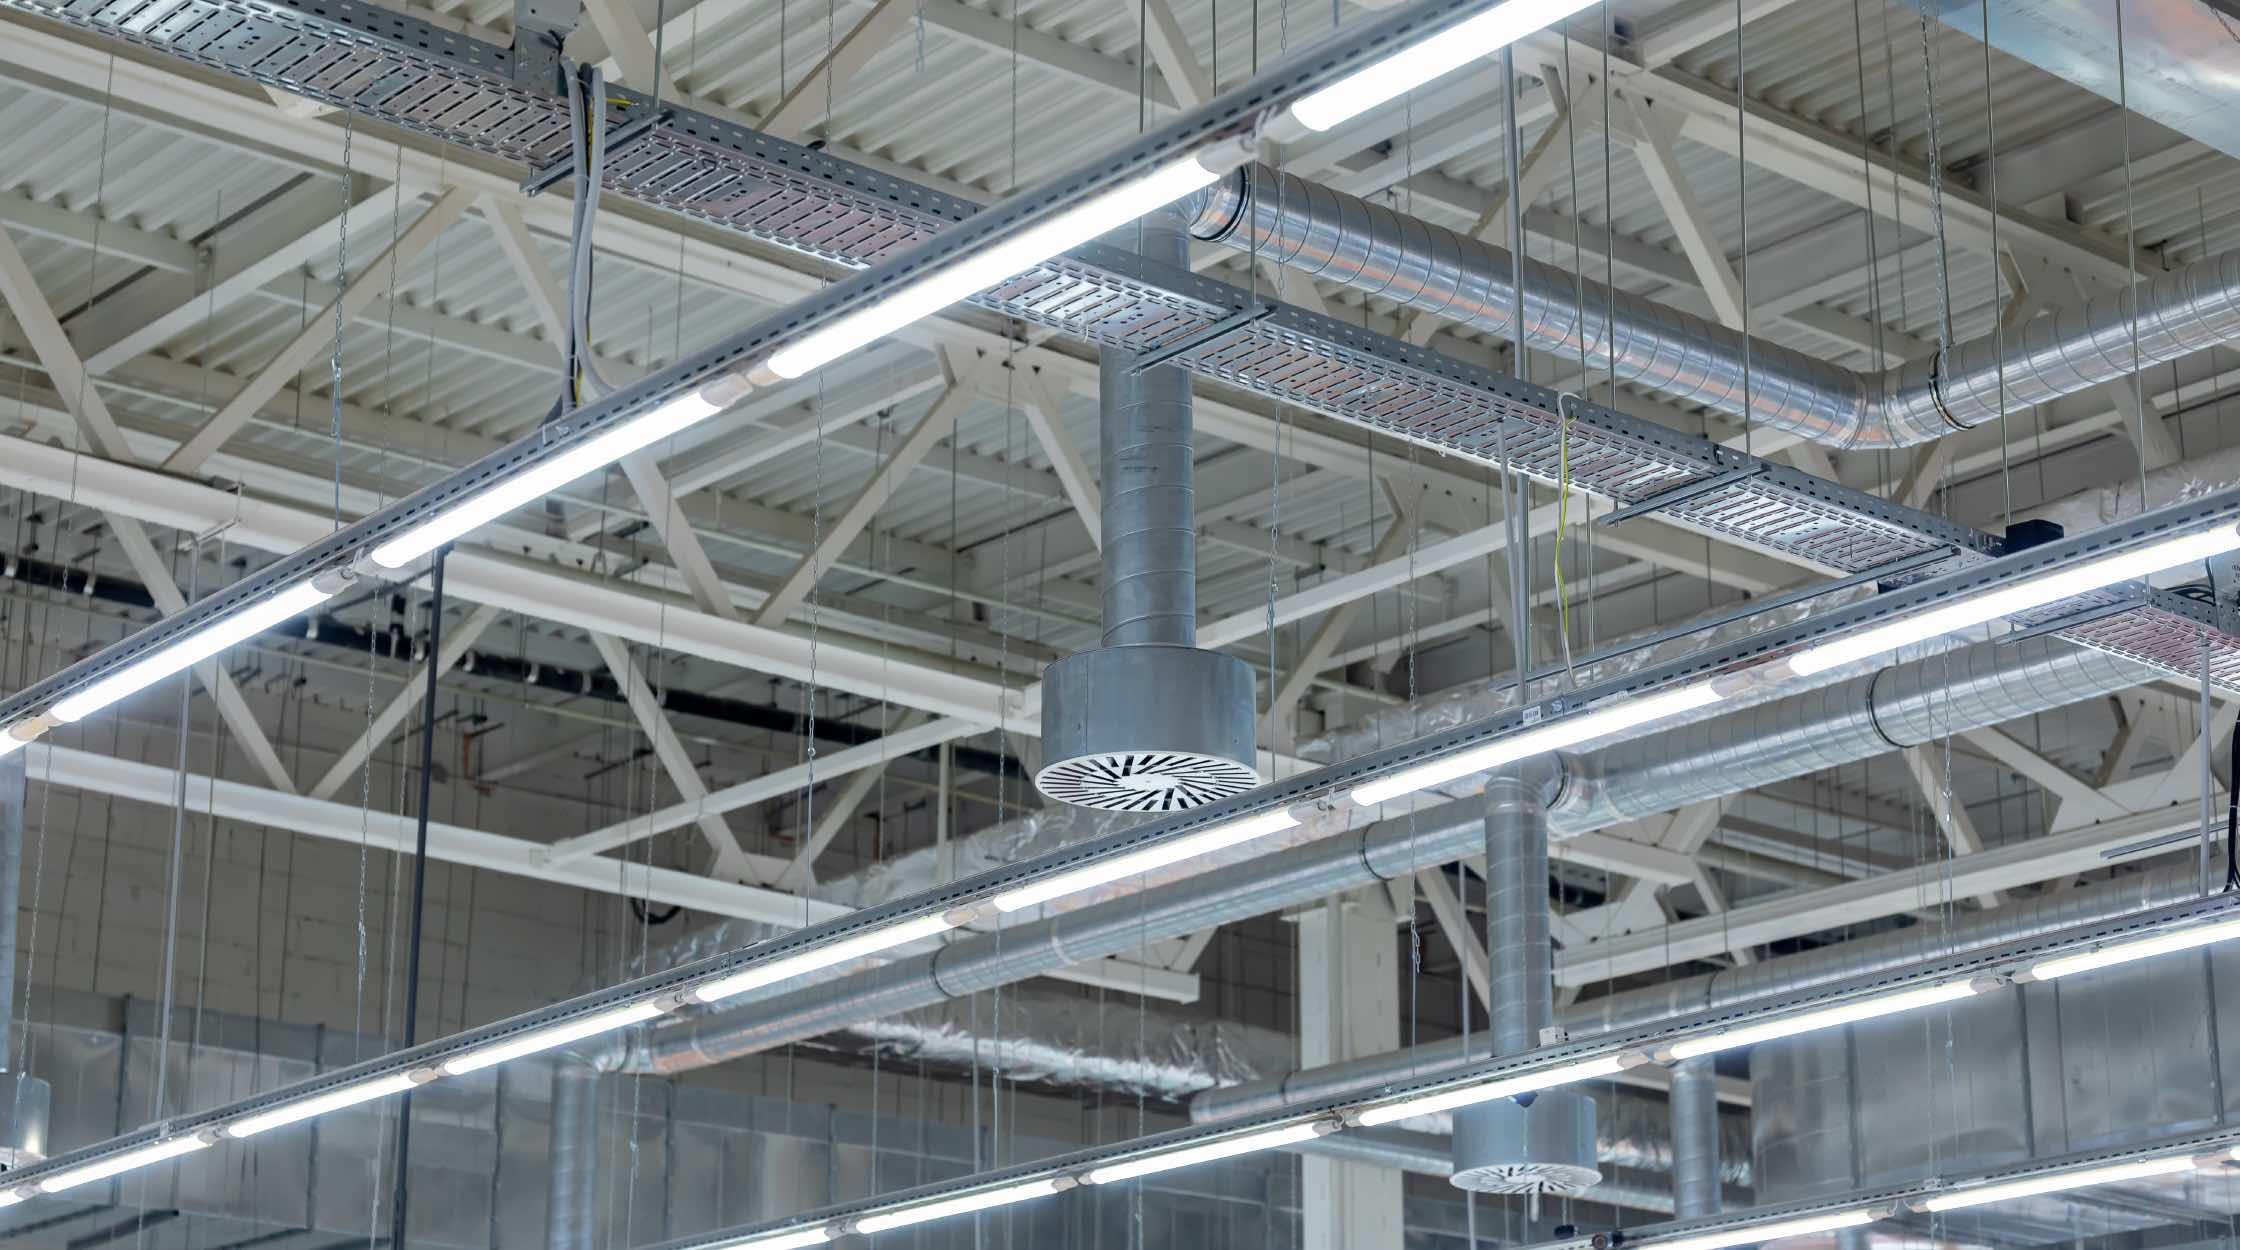 Industrial enclosure